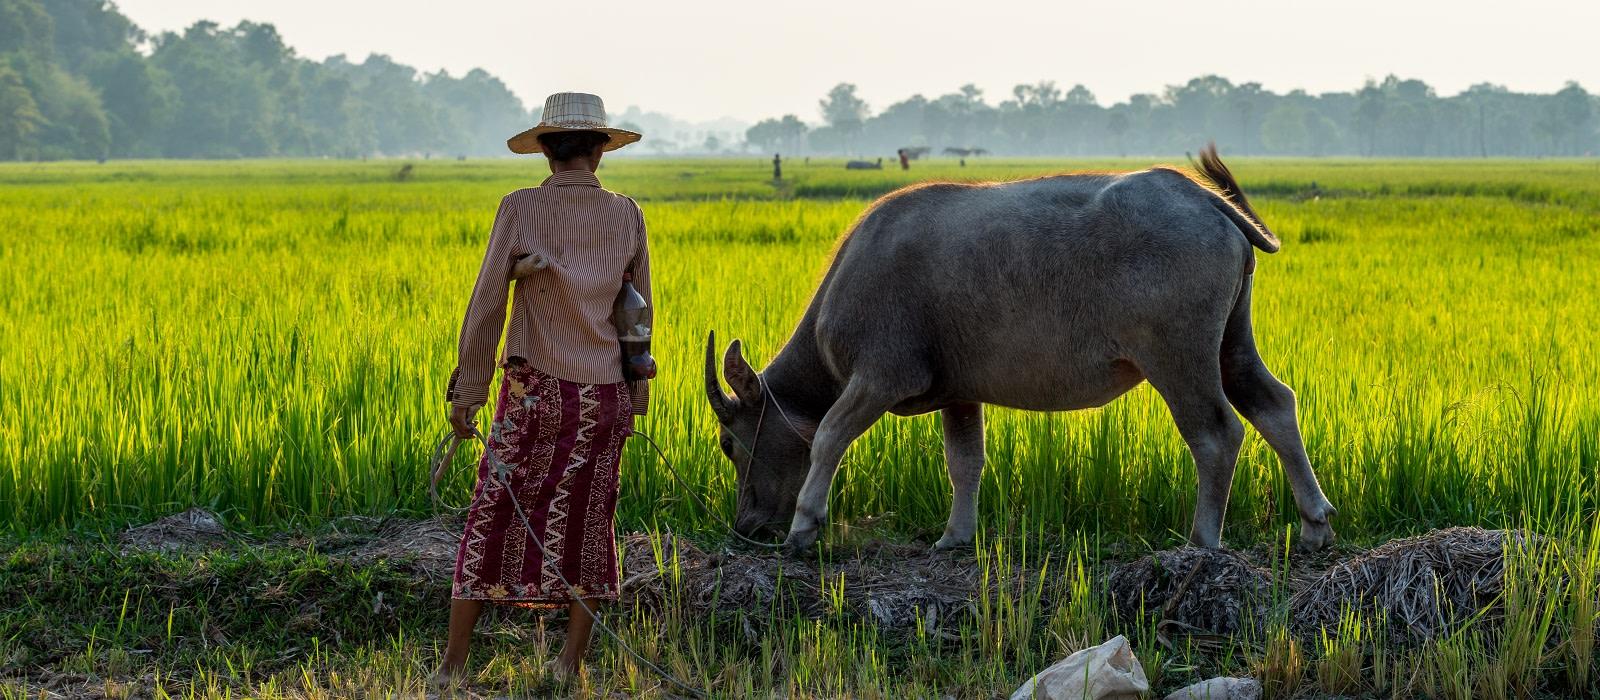 Rice field in Siem Reap, Cambodia Apr 2016 - culture in Cambodia